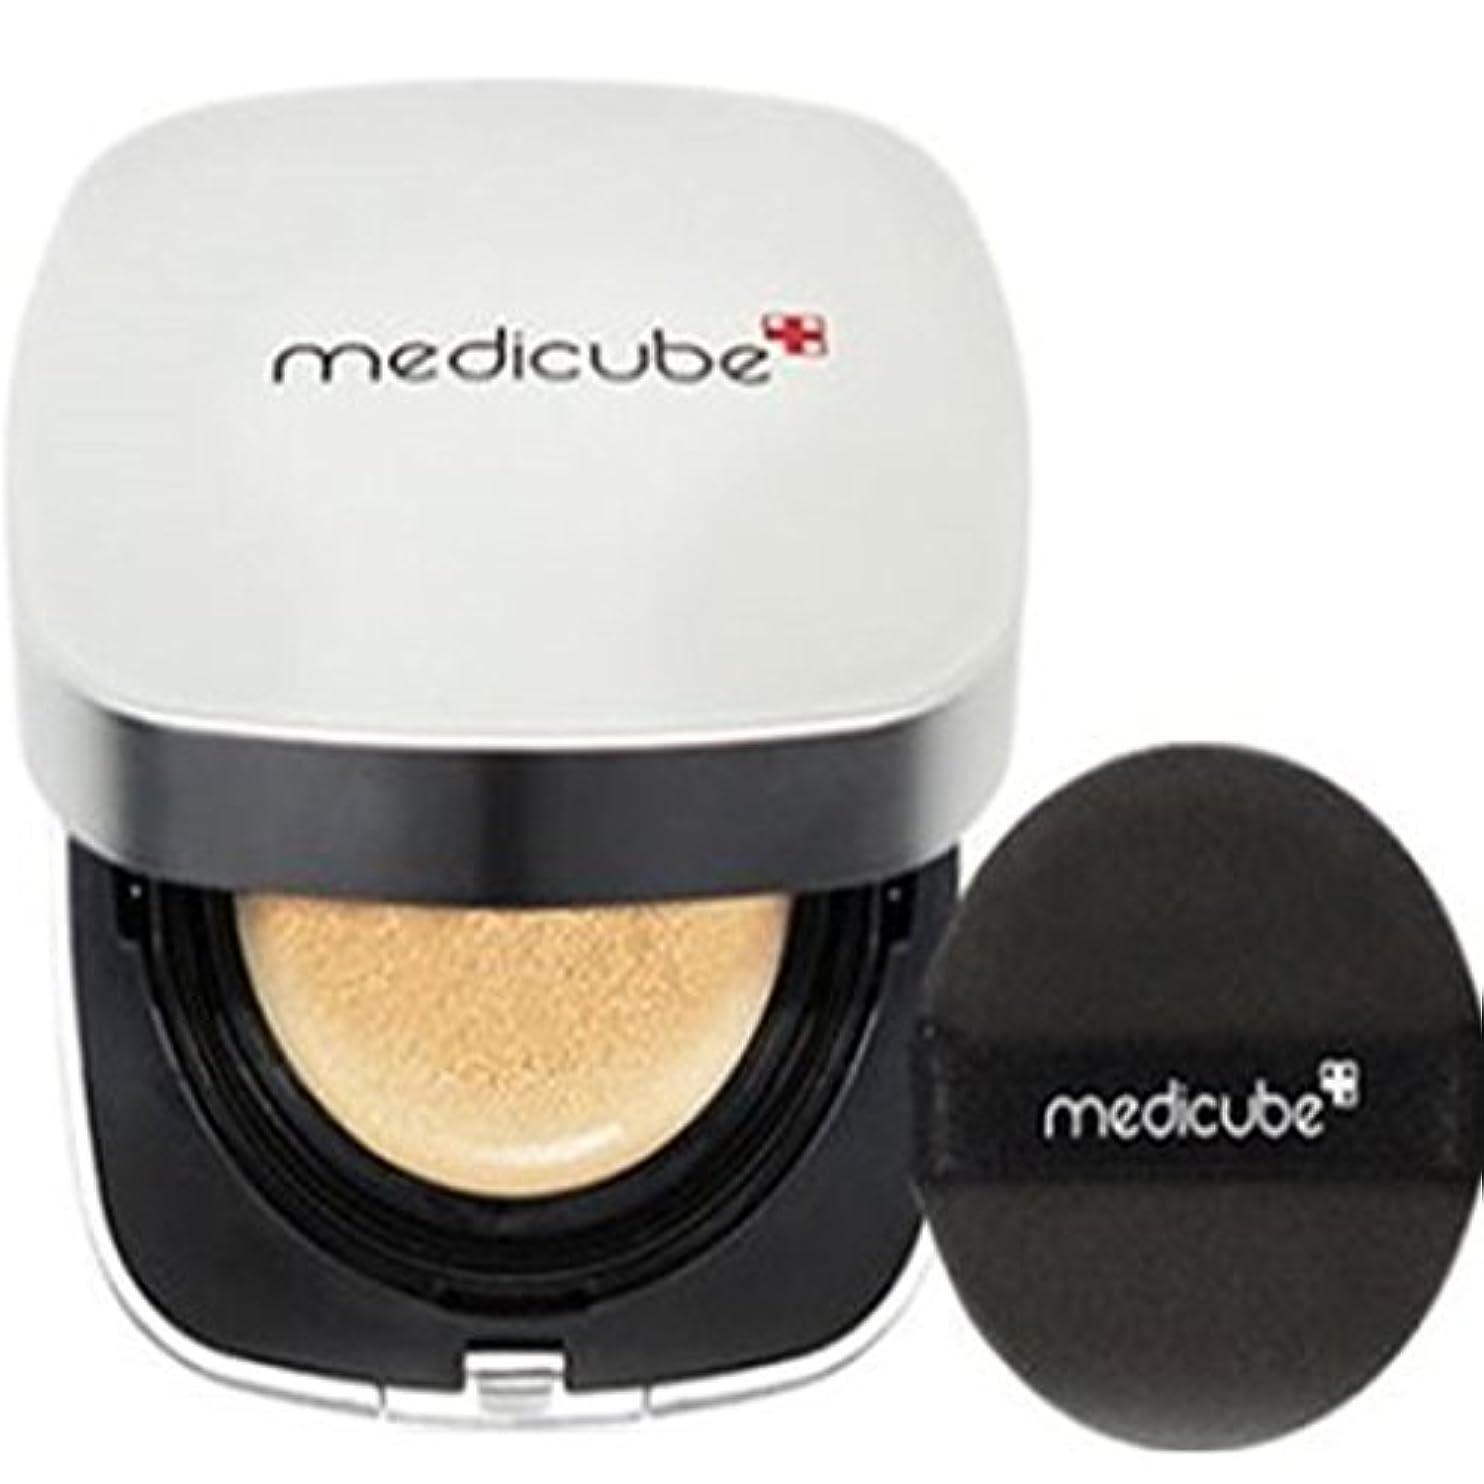 評議会毛皮ナチュラ[Medicube メディキューブ] レッドクッション - シェード21号ライトベージュ / Red Cushion - Shade 21 Light Beige [並行輸入品]